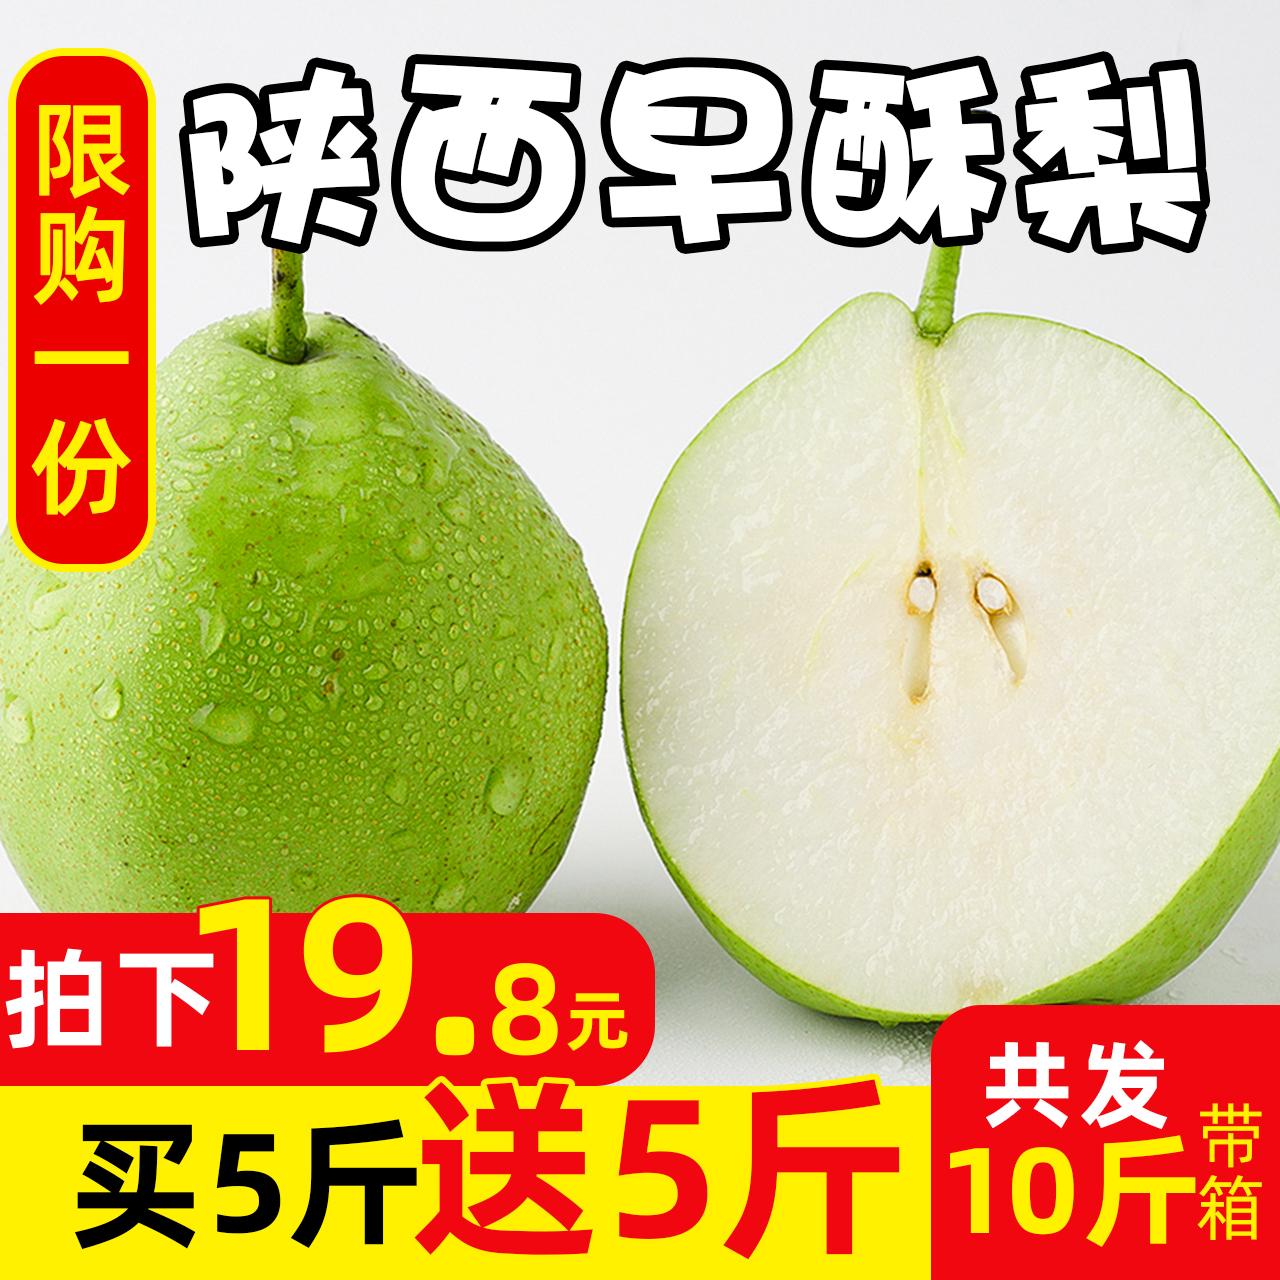 陕西早酥梨当季梨子带箱10斤 券后14.8元包邮